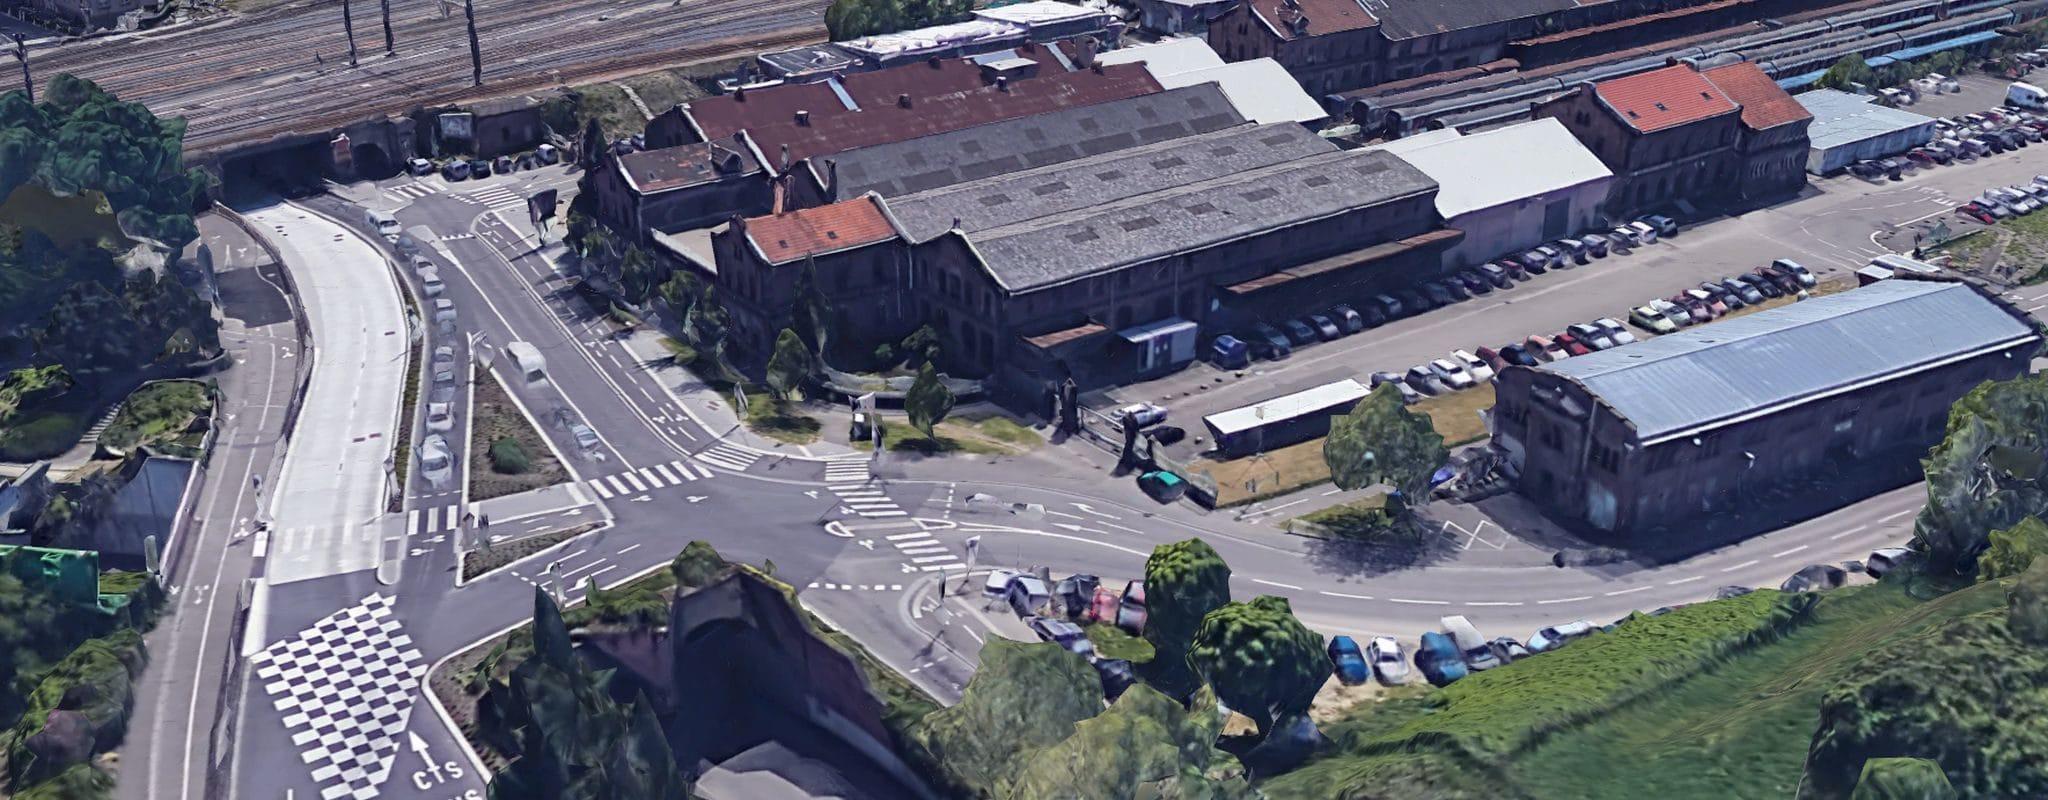 Nouveau lieu éphémère, La Grenze ouvre cet été derrière la gare